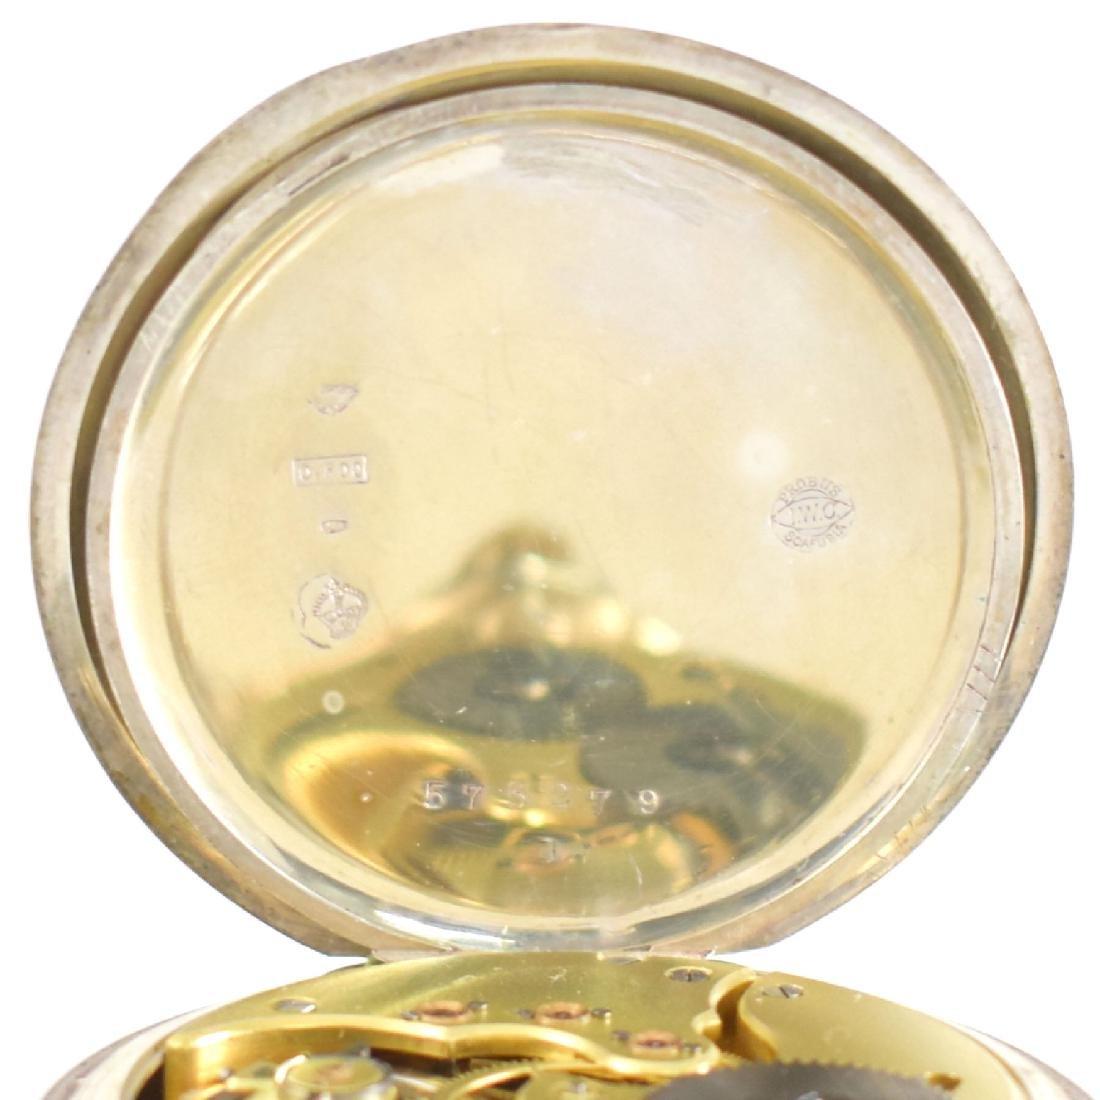 IWC open face pocket watch in silver - 8